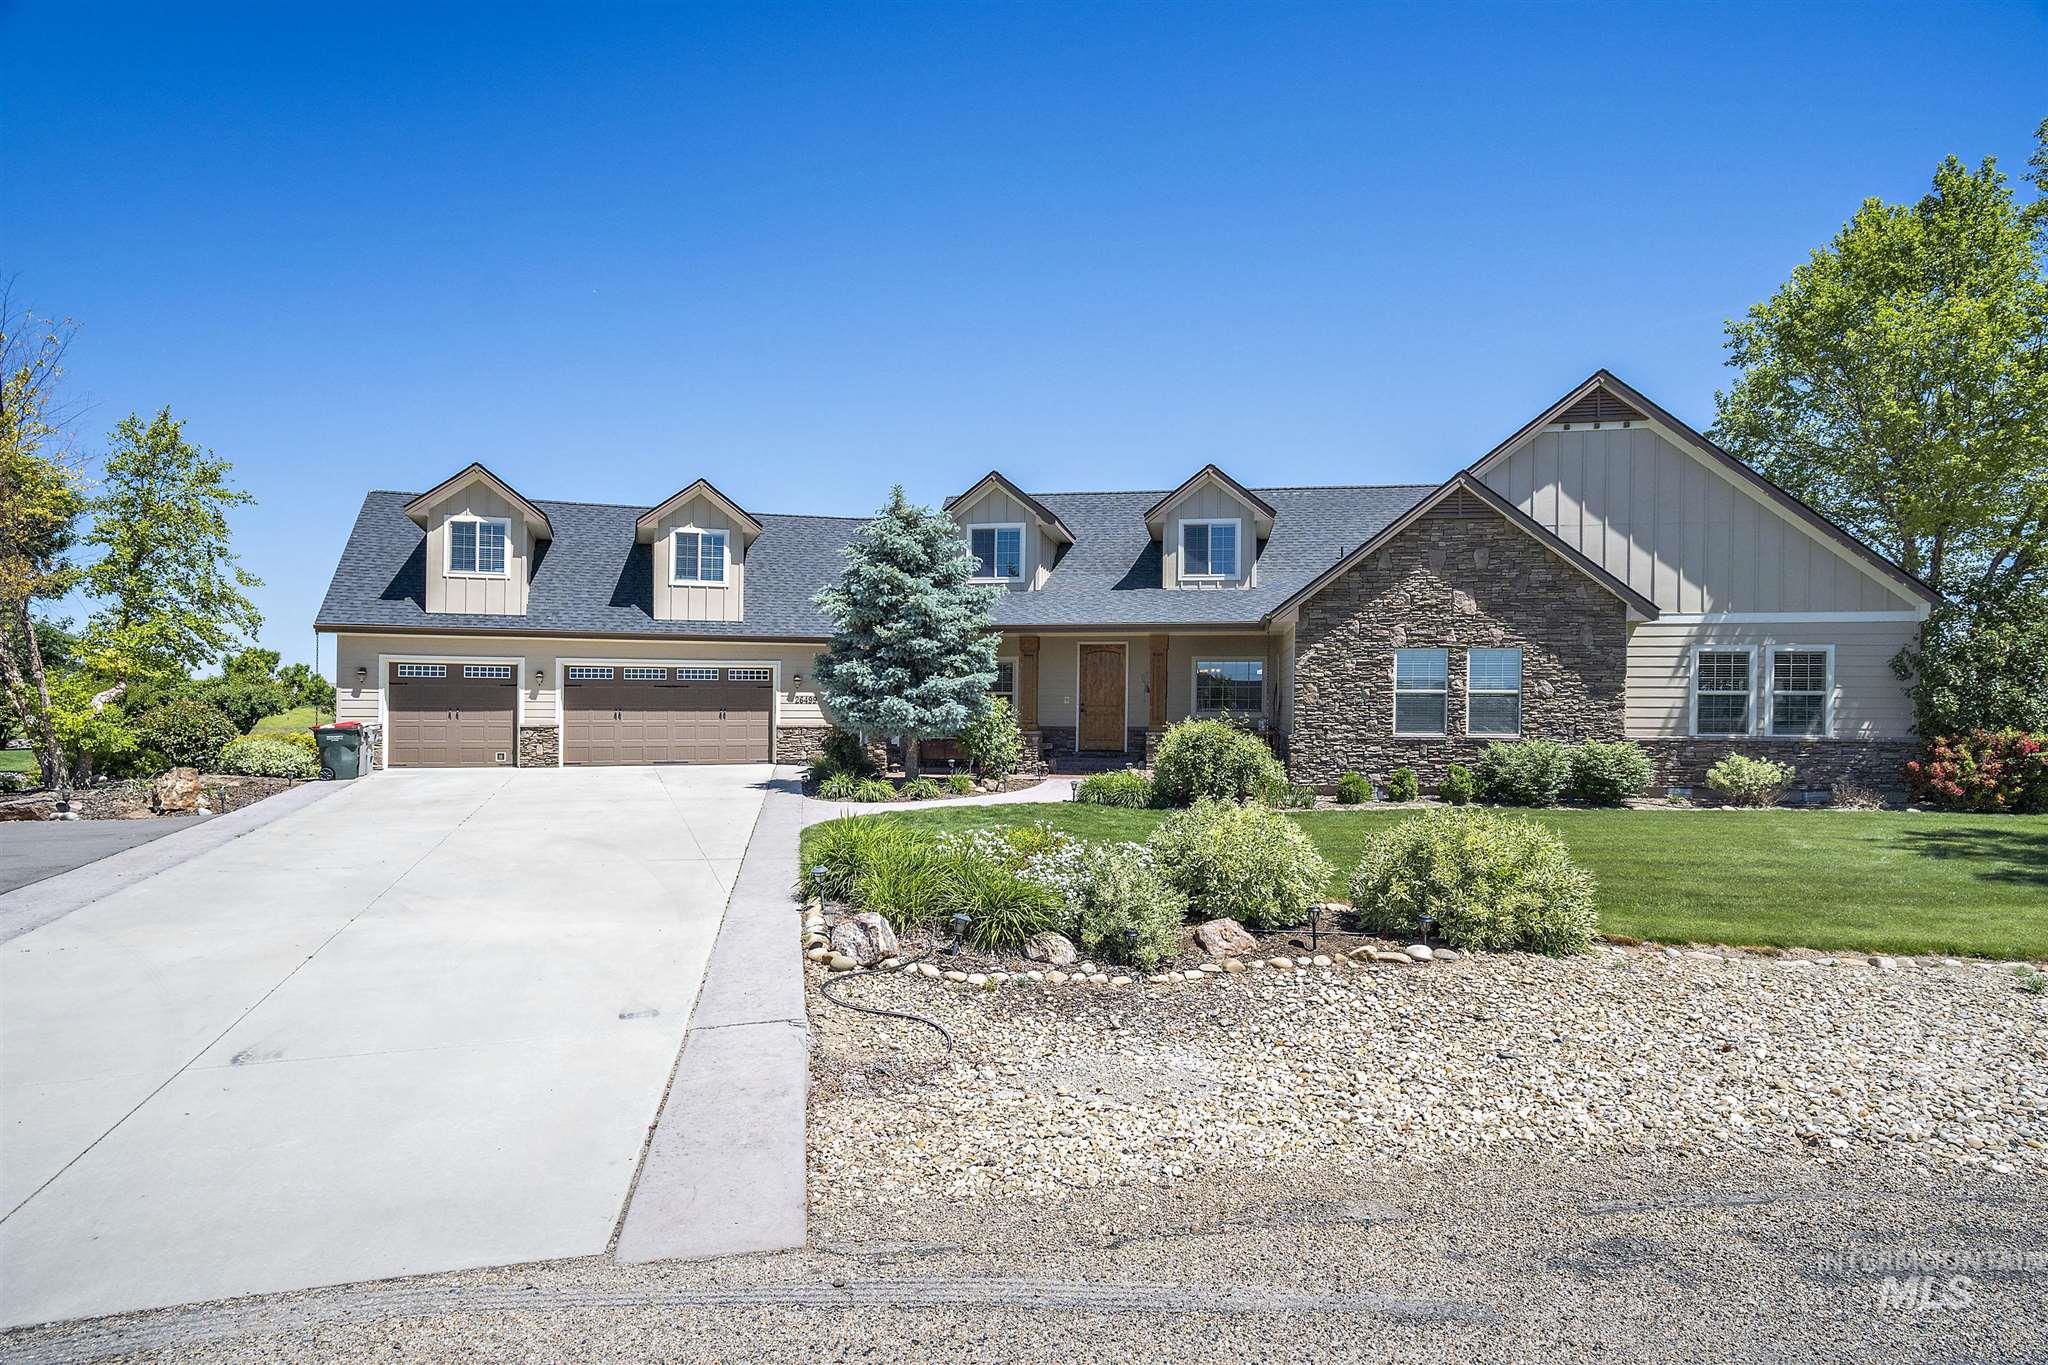 Pheasant Landing Real Estate Listings Main Image